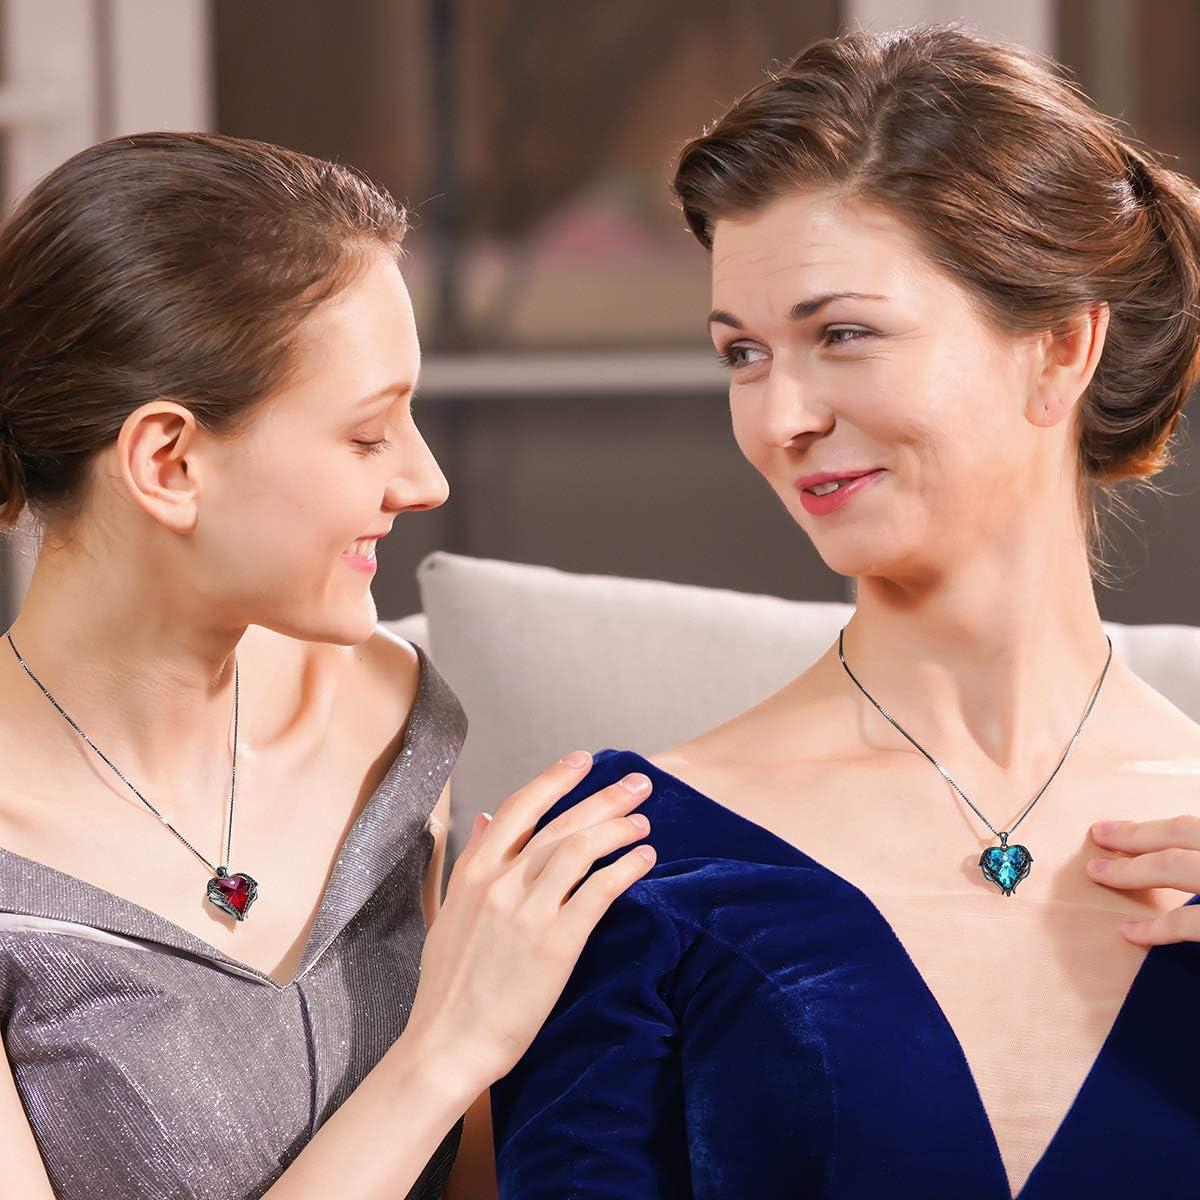 CDE Colliers pour femme Cadeau de f/ête des m/ères Bijoux pour Femme collier de cristaux Swarovski Bijoux coeur pendentif danniversaire cadeau pour petite amie /épouse avec Paquet exquis